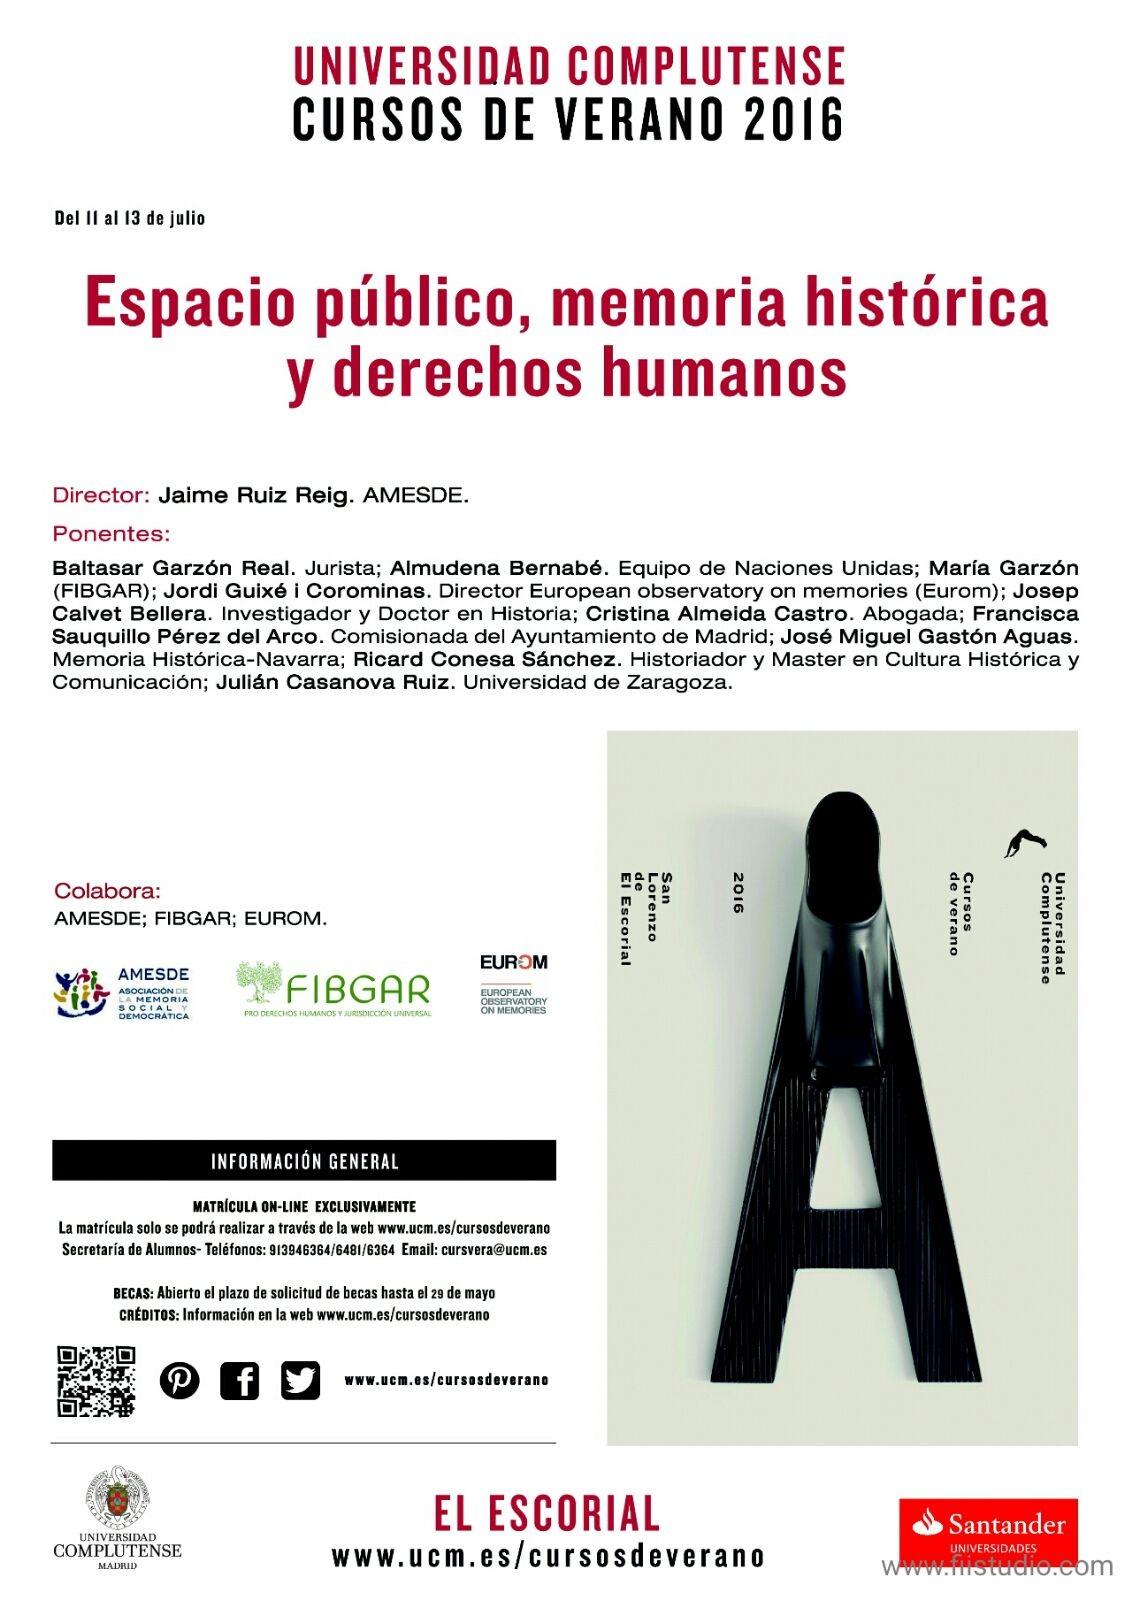 Espacio Público, memoria histórica y derechos humanos